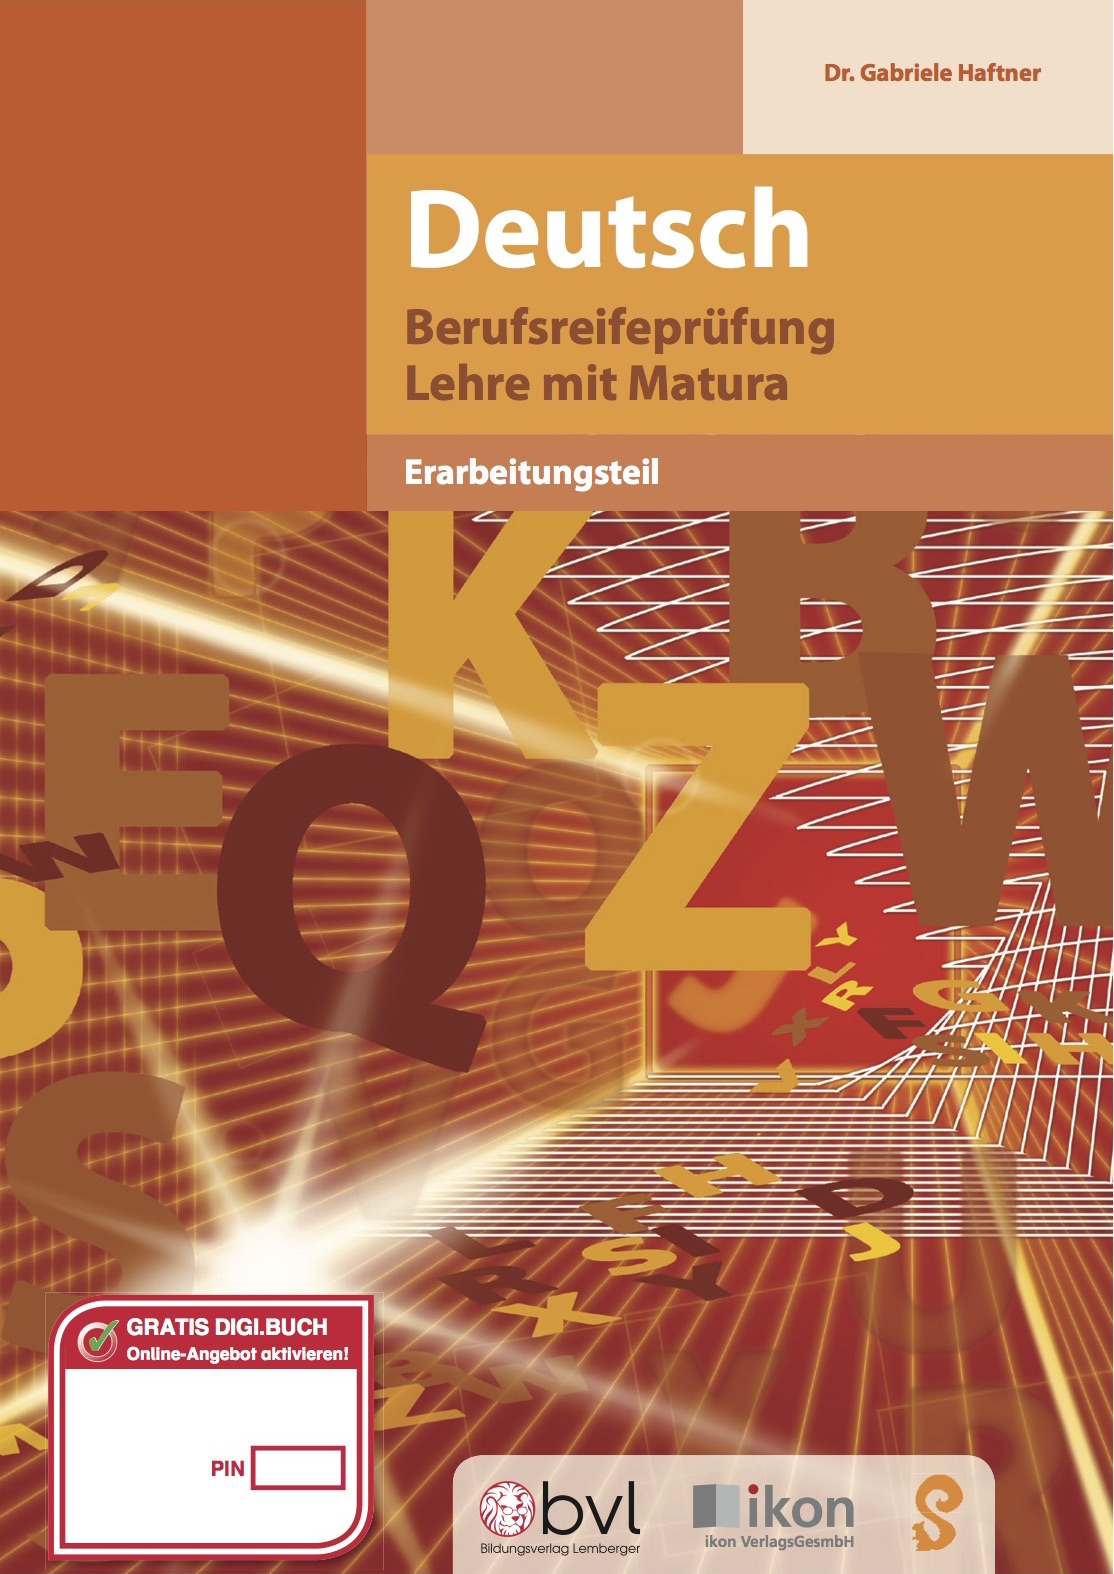 Berufsreifeprüfung Deutsch (Bildungsverlag LEMBERGER, ikon, eSquirrel)